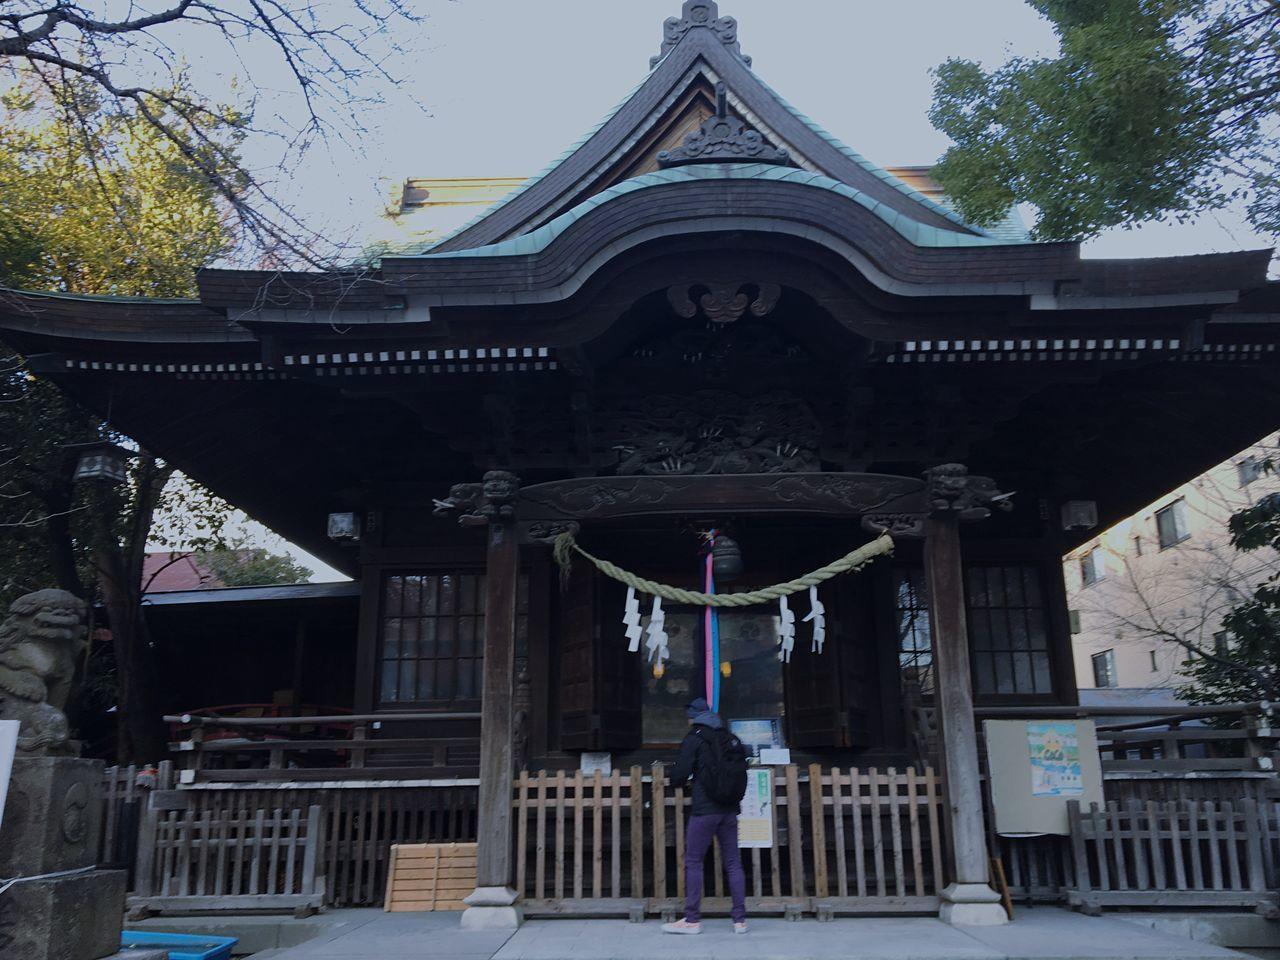 神社 Architecture Built Structure Entrance Building Exterior Religion Place Of Worship Tree Day Sky Outdoors Real People